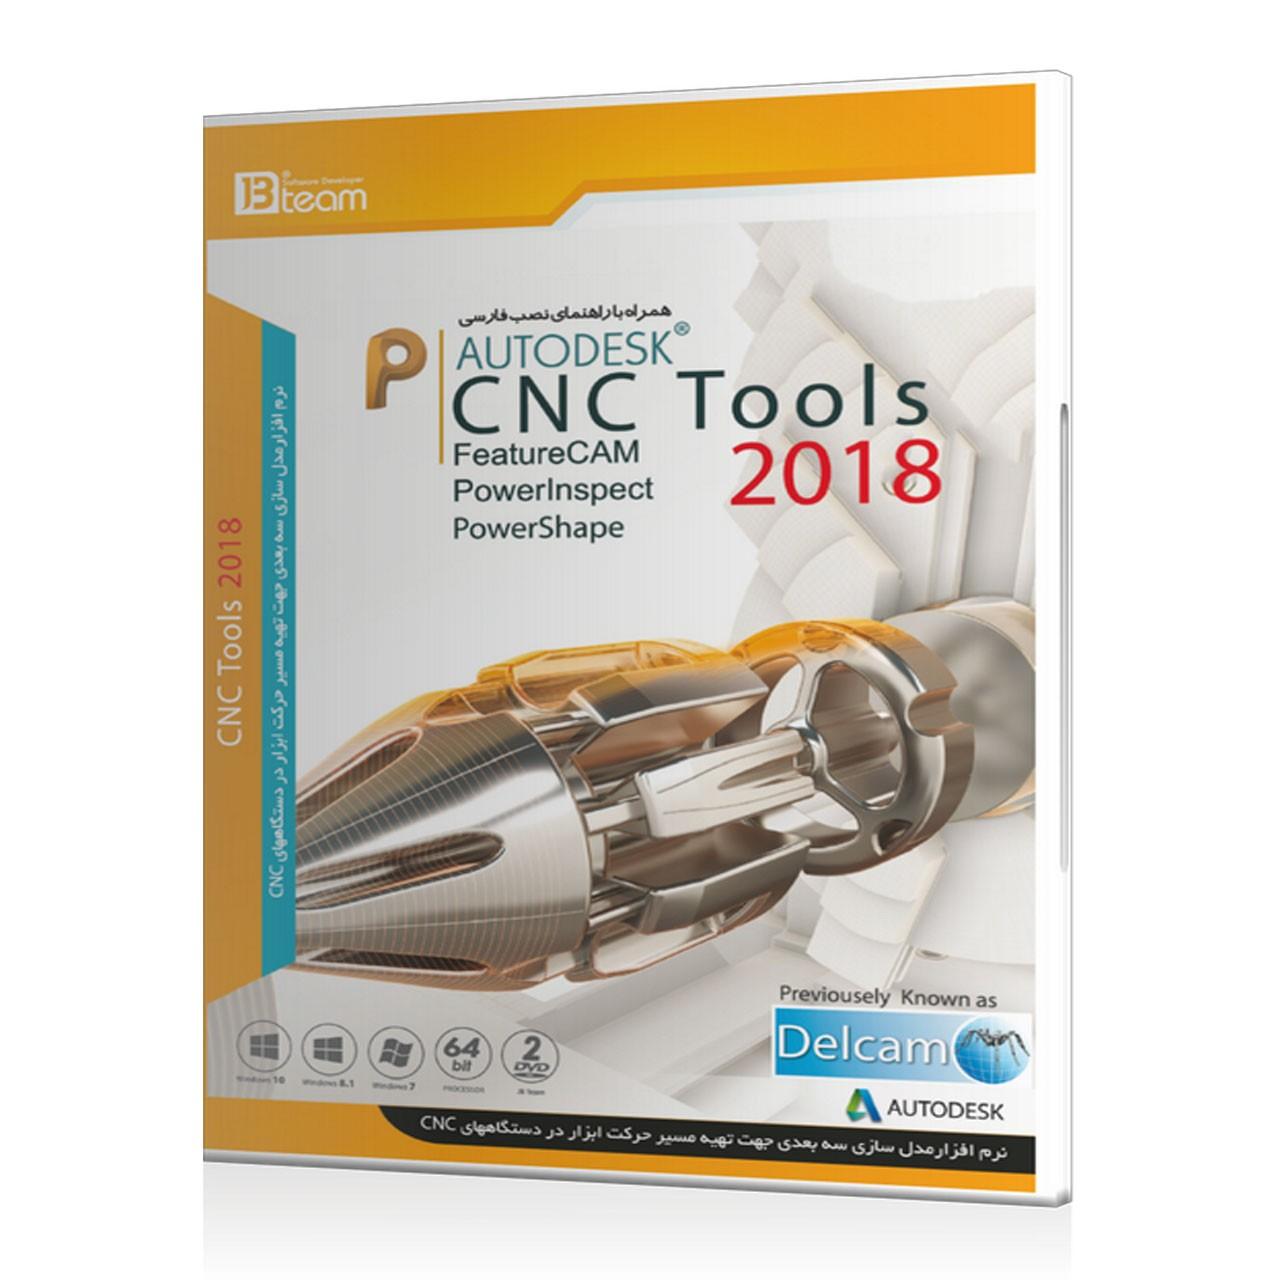 نرم افزار Autodesk CNC Tools 2018